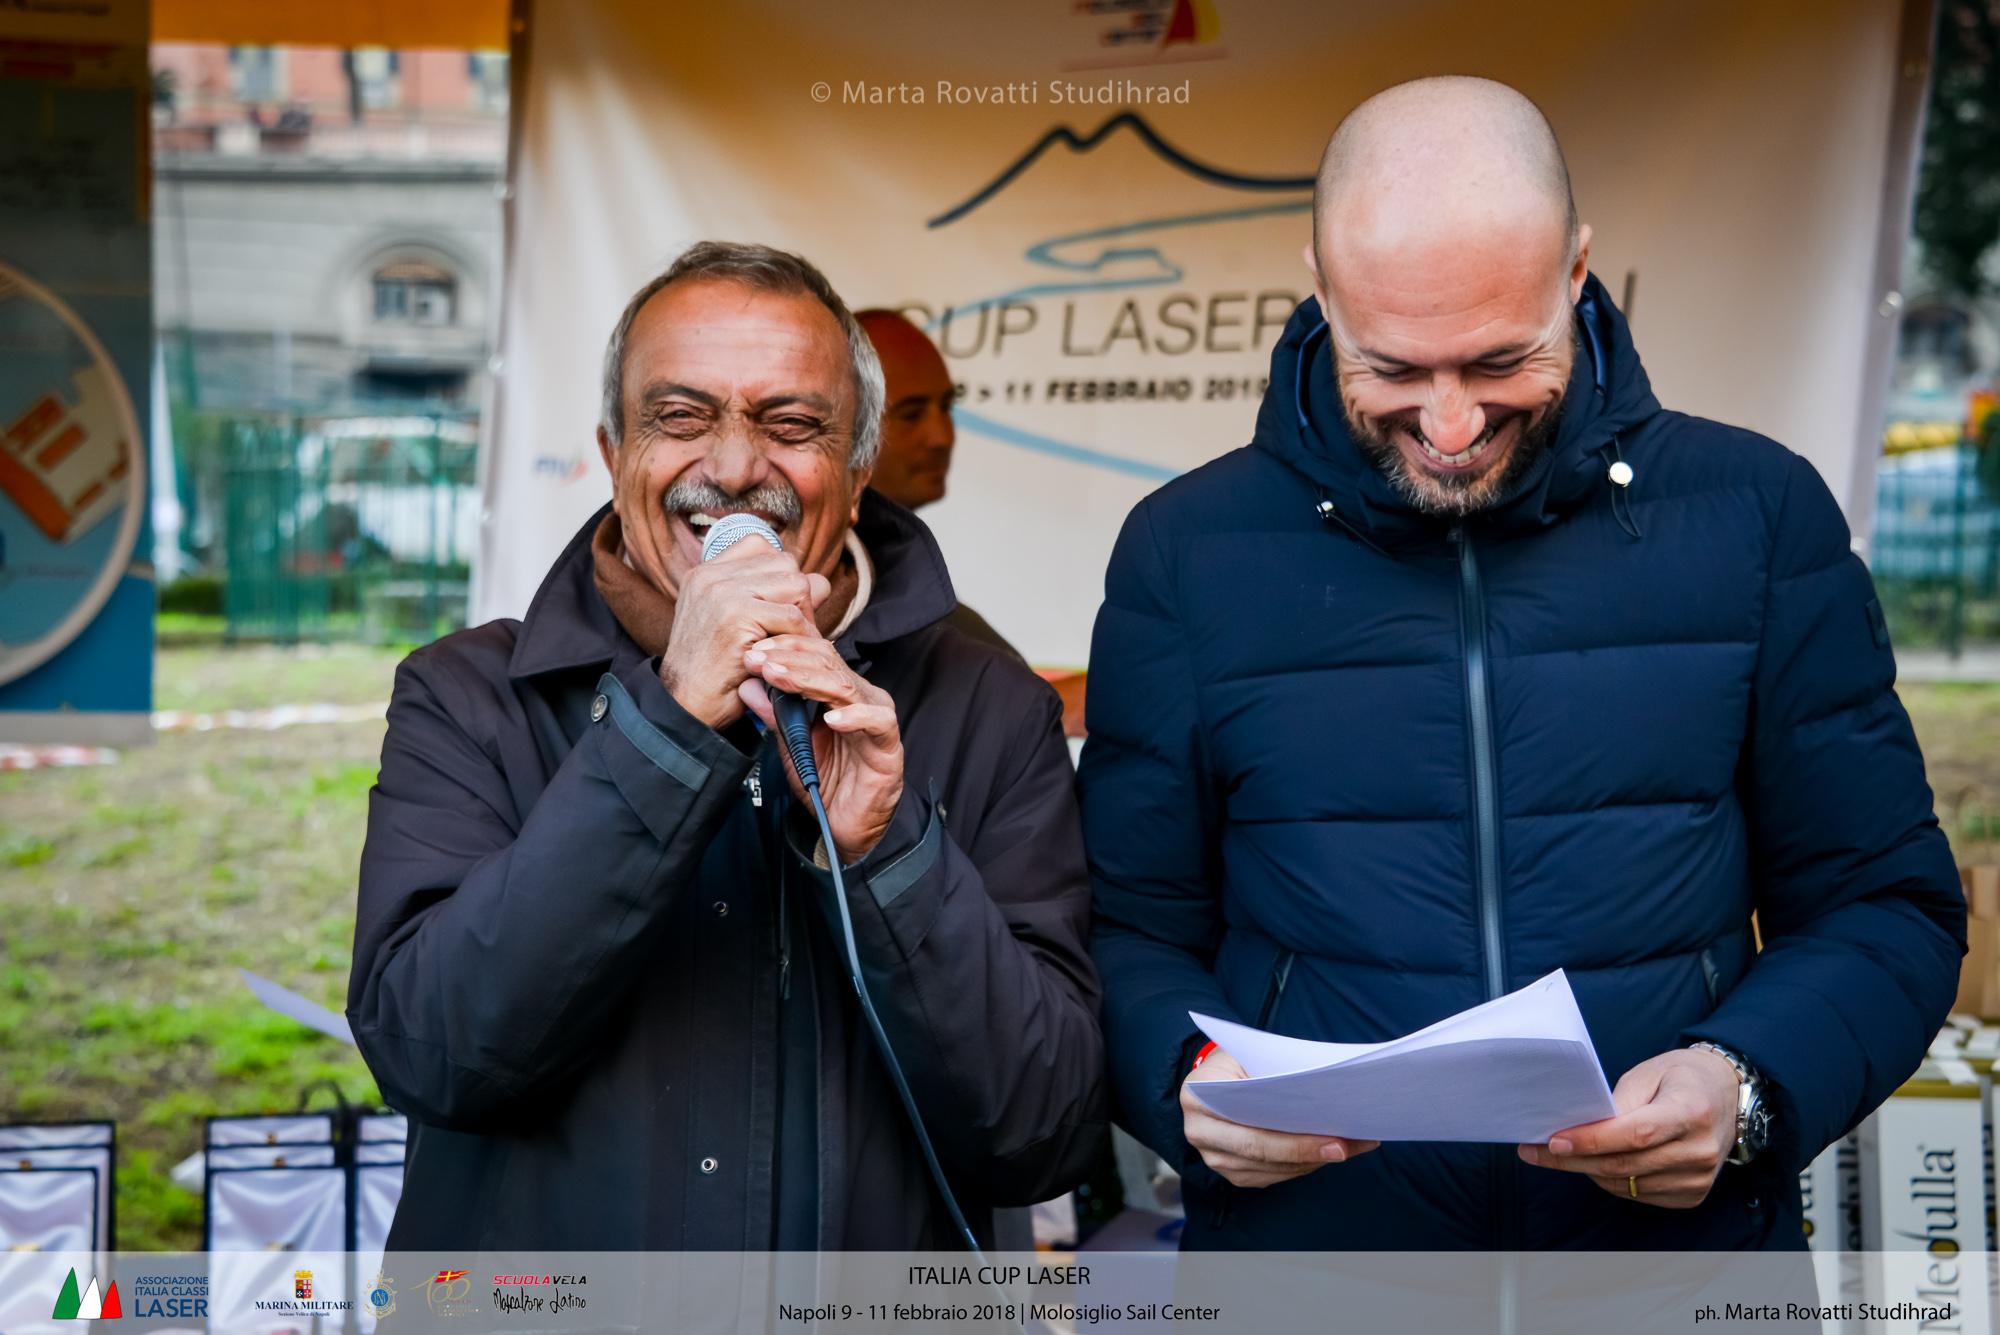 Associazione-Italia-Classi-Laser-2018-NapoliMGR_5013